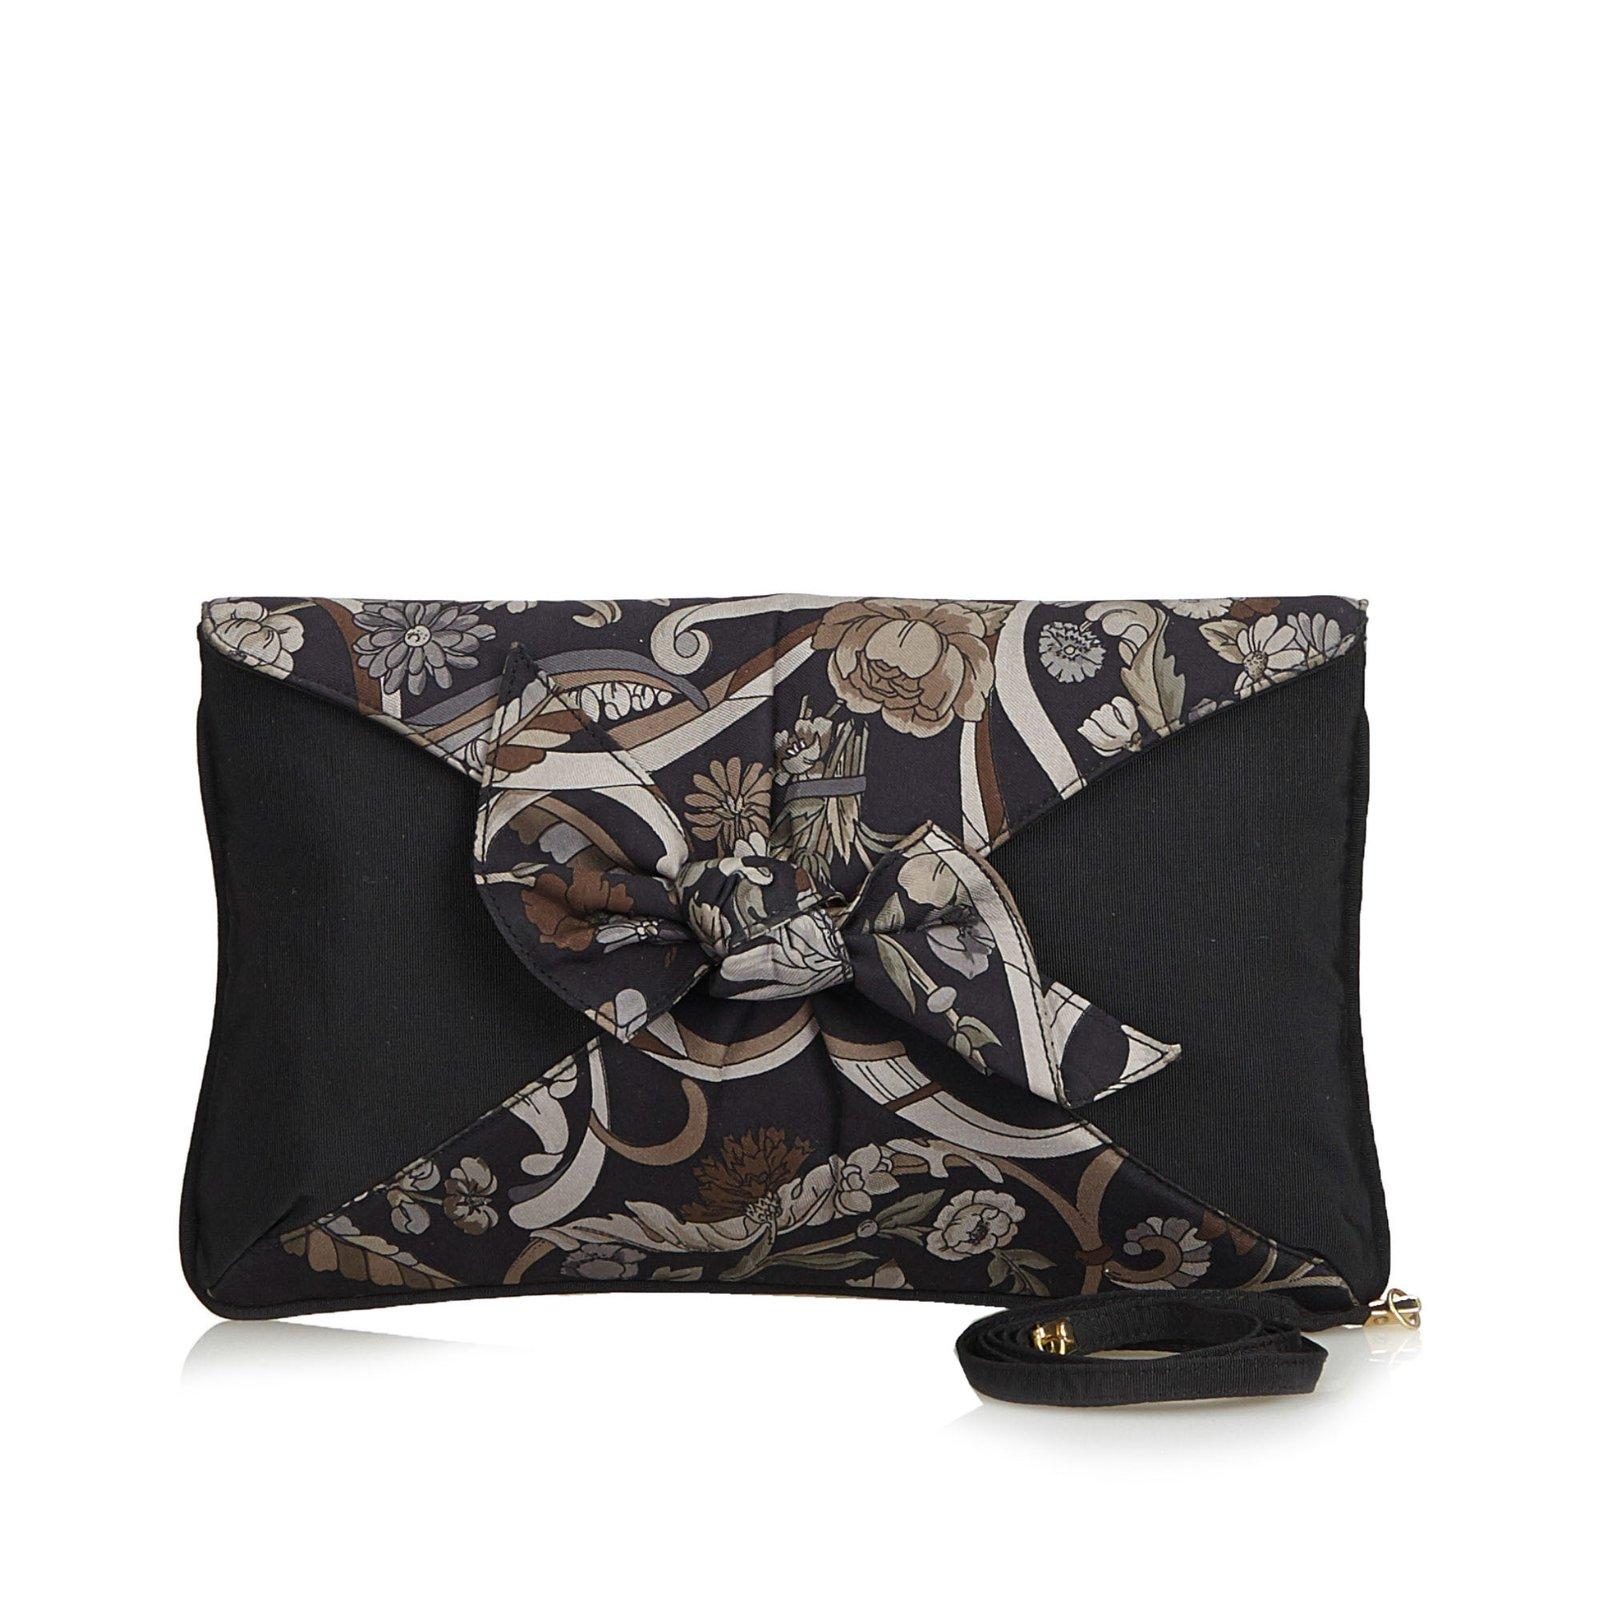 Pochettes Gucci Pochette en nylon à imprimé floral nylon,Tissu  Marron,Autre,Gris b1dd6e57a84